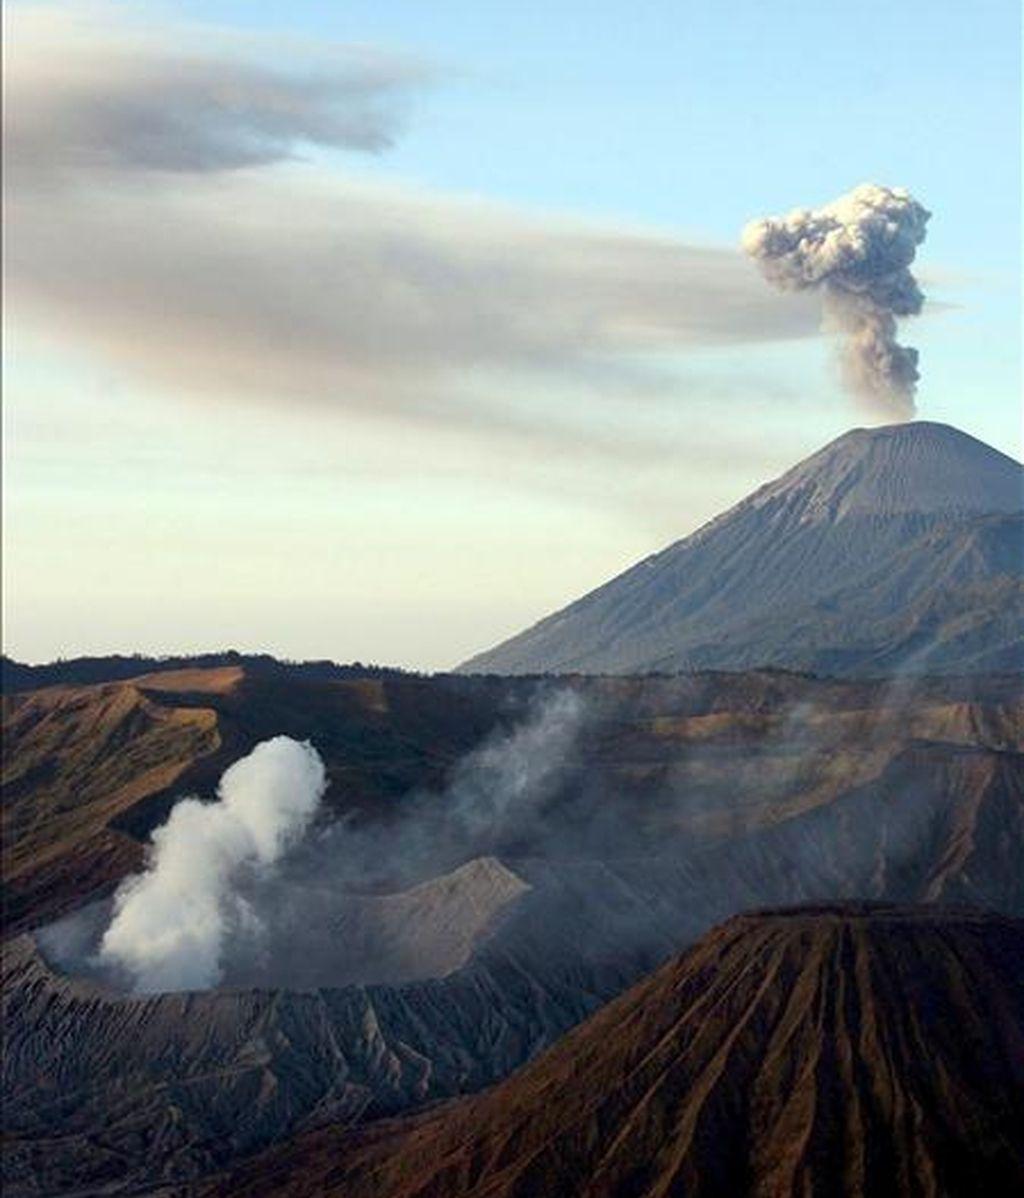 Fotografía de archivo fecha del 10 de septiembre de 2006 que muestra humo que sale del Monte Bromo (delante) y del Monte Semeru (detrás), cerca de Penanjakan, en el pueblo de Puspo, Pasuruan, Java Oriental (Indonesia). Las autoridades han decretado alerta roja ante la actividad del volcán Bromo. EFE/Archivo